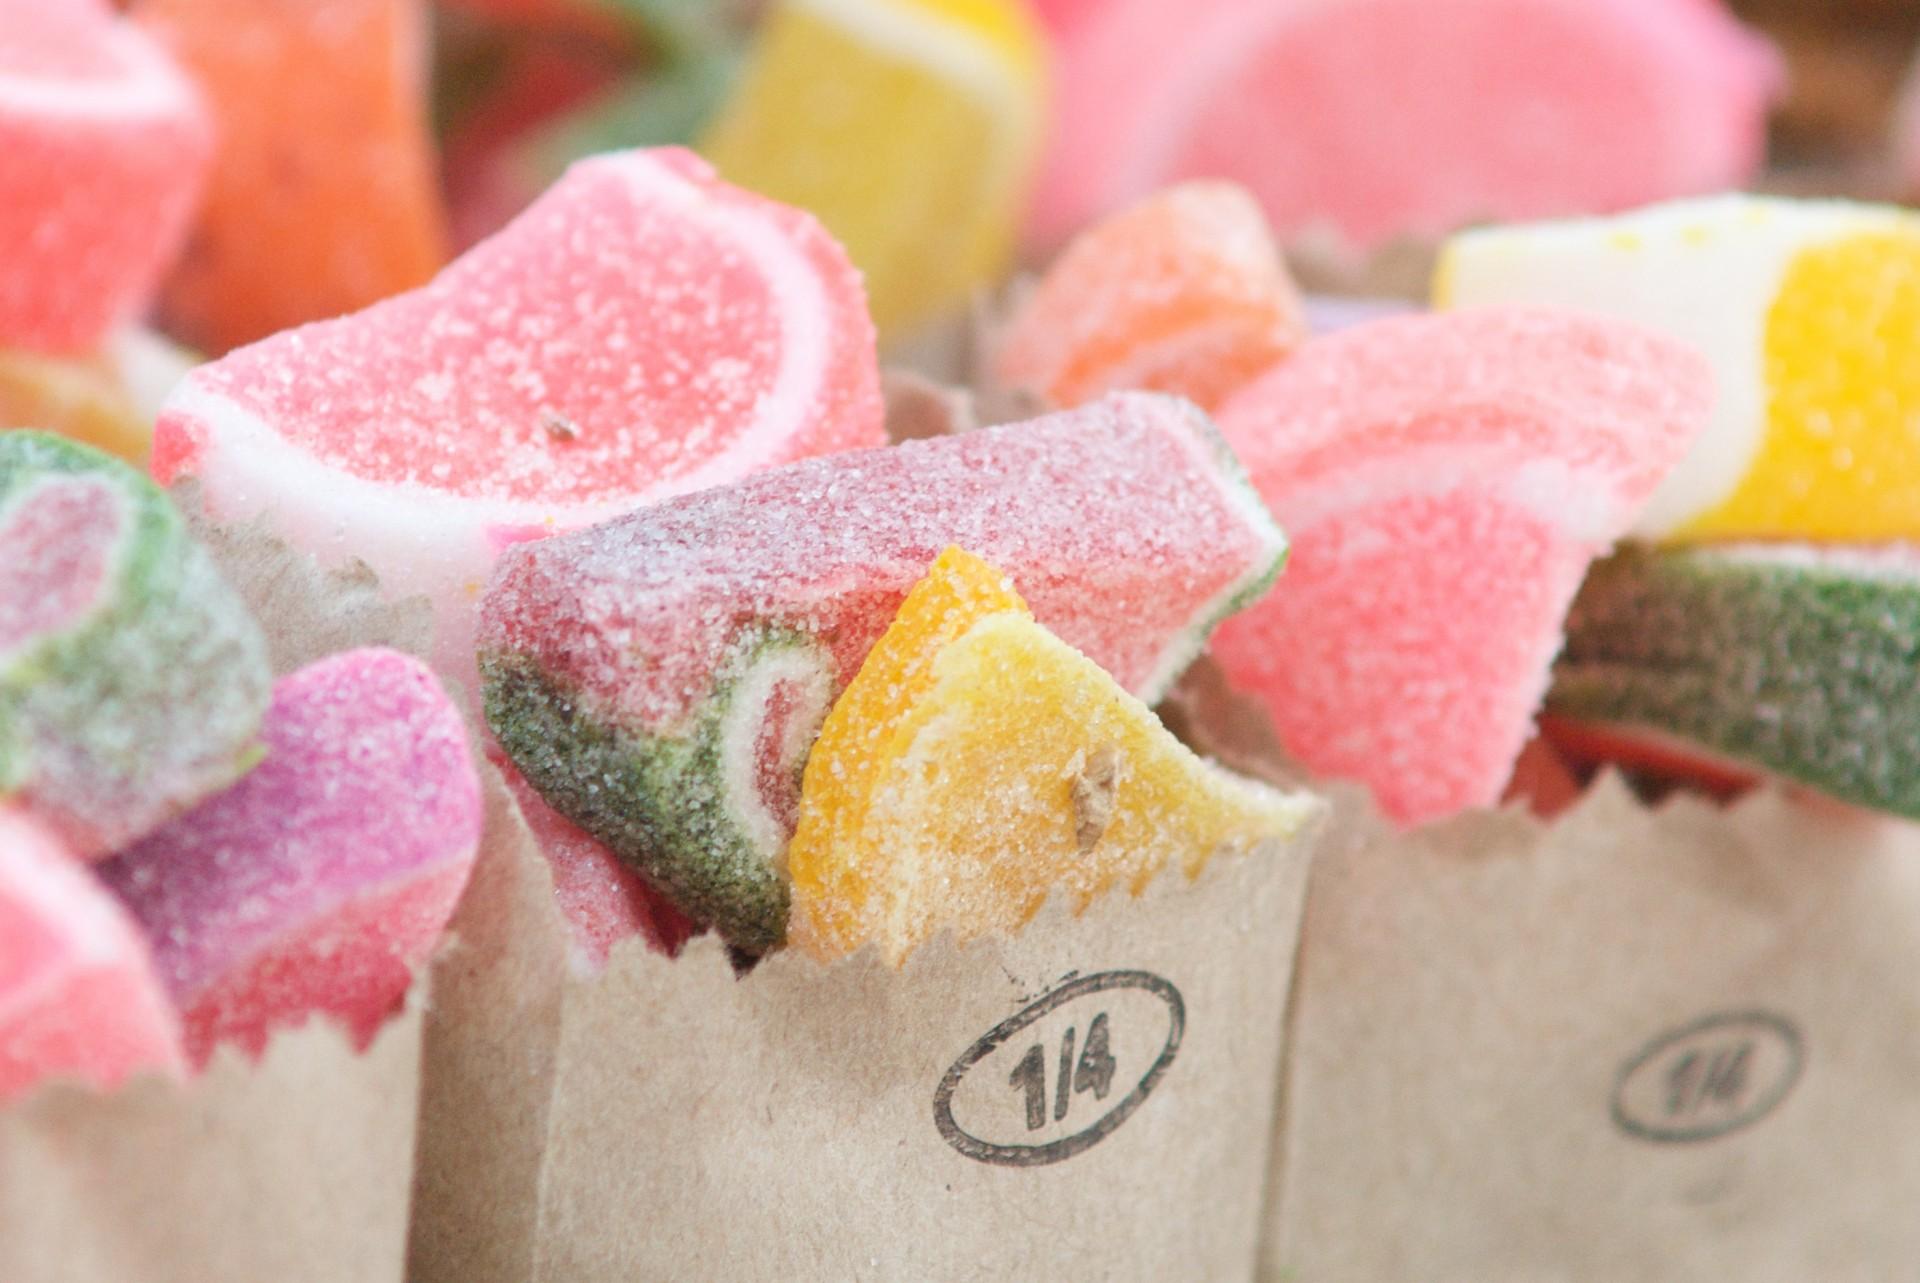 bags-of-colored-sugar-snacks.jpg